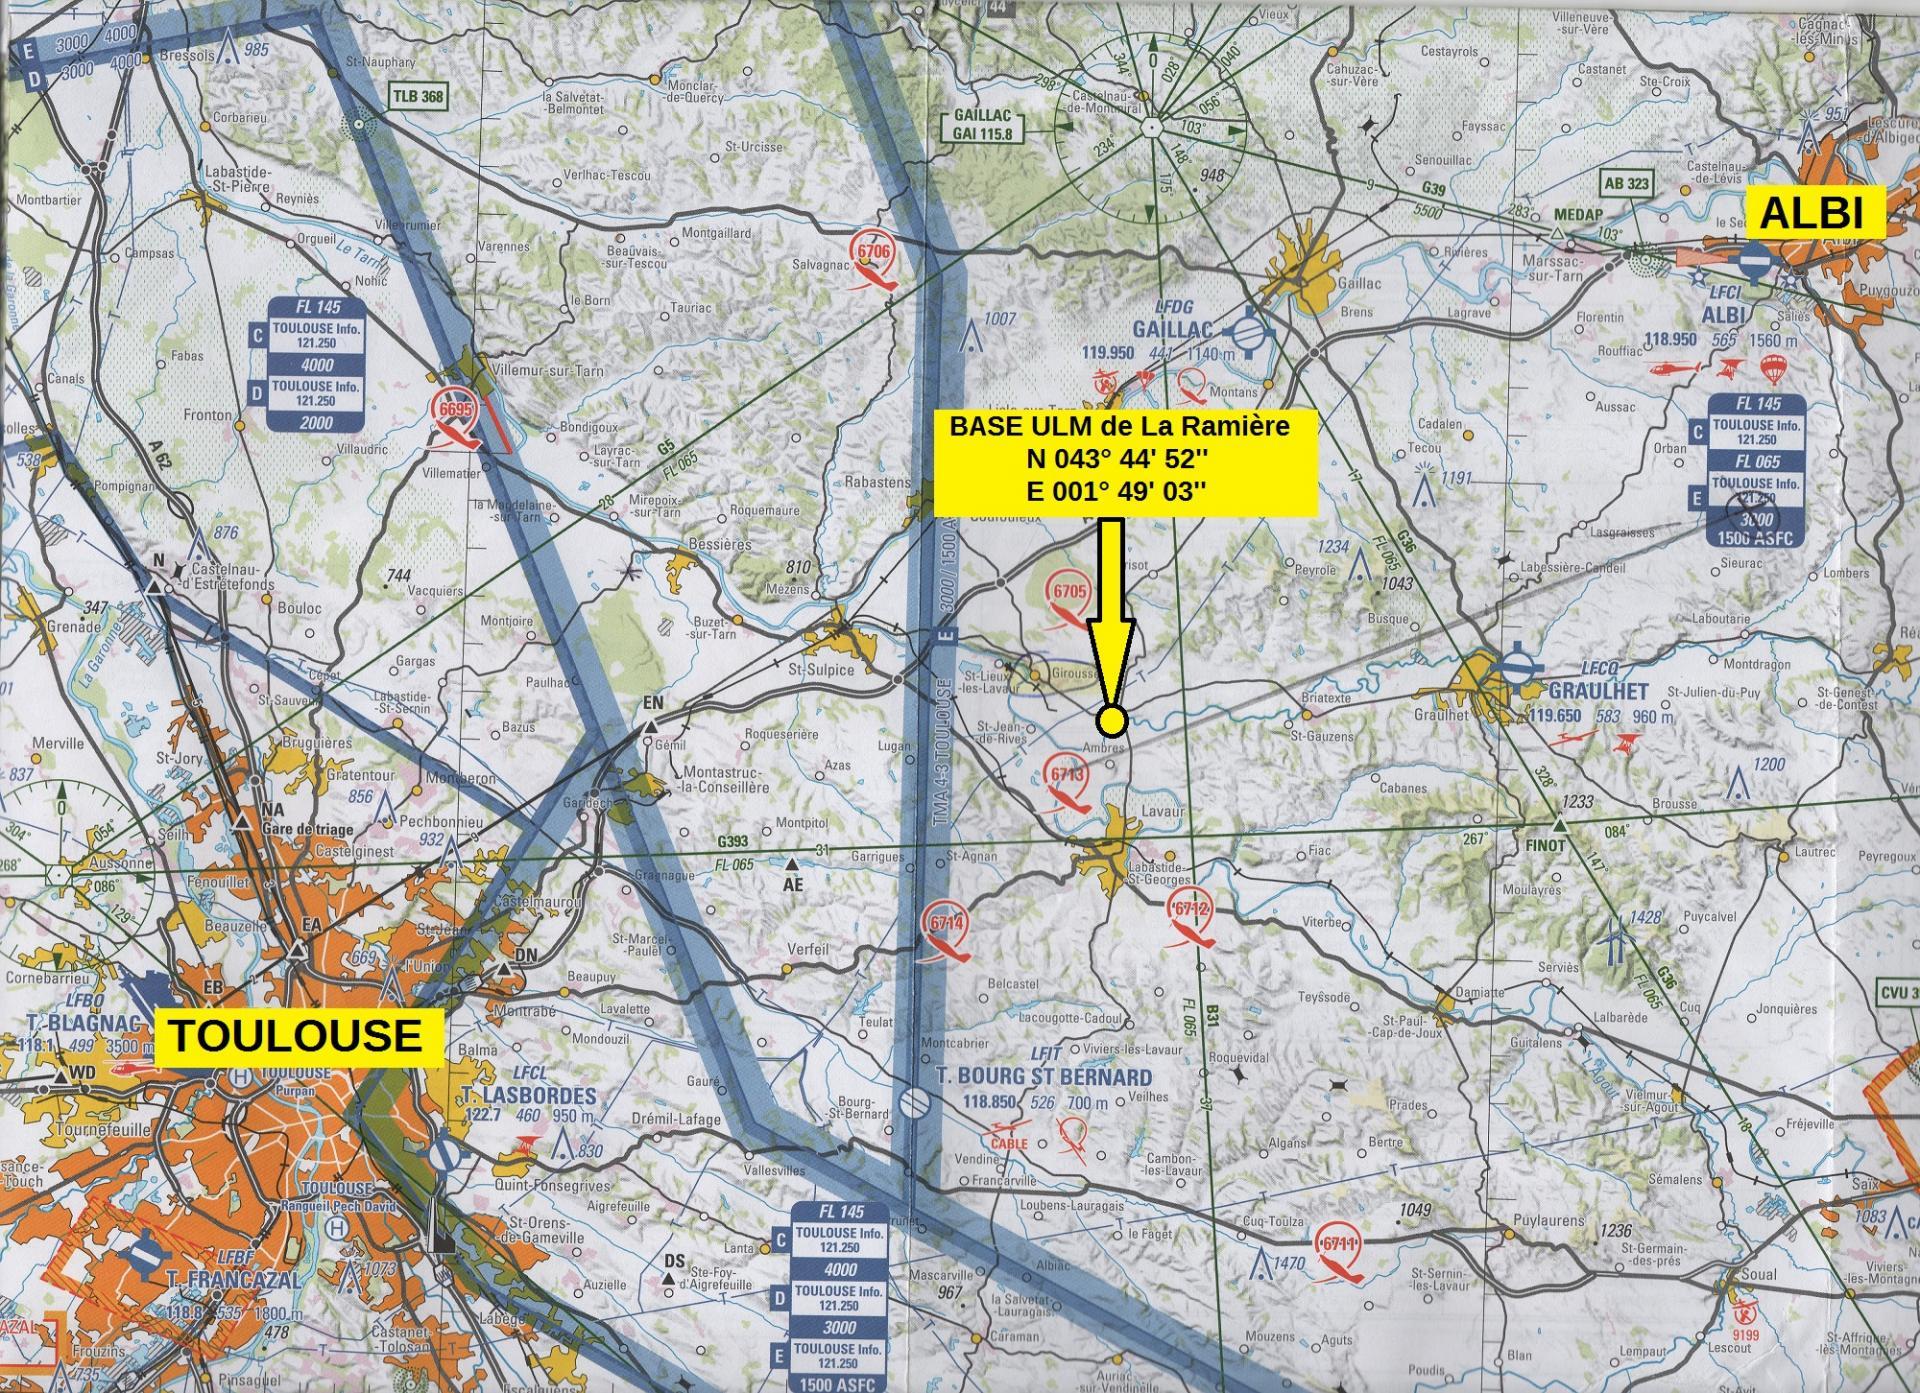 downlaod map ulm toulouse